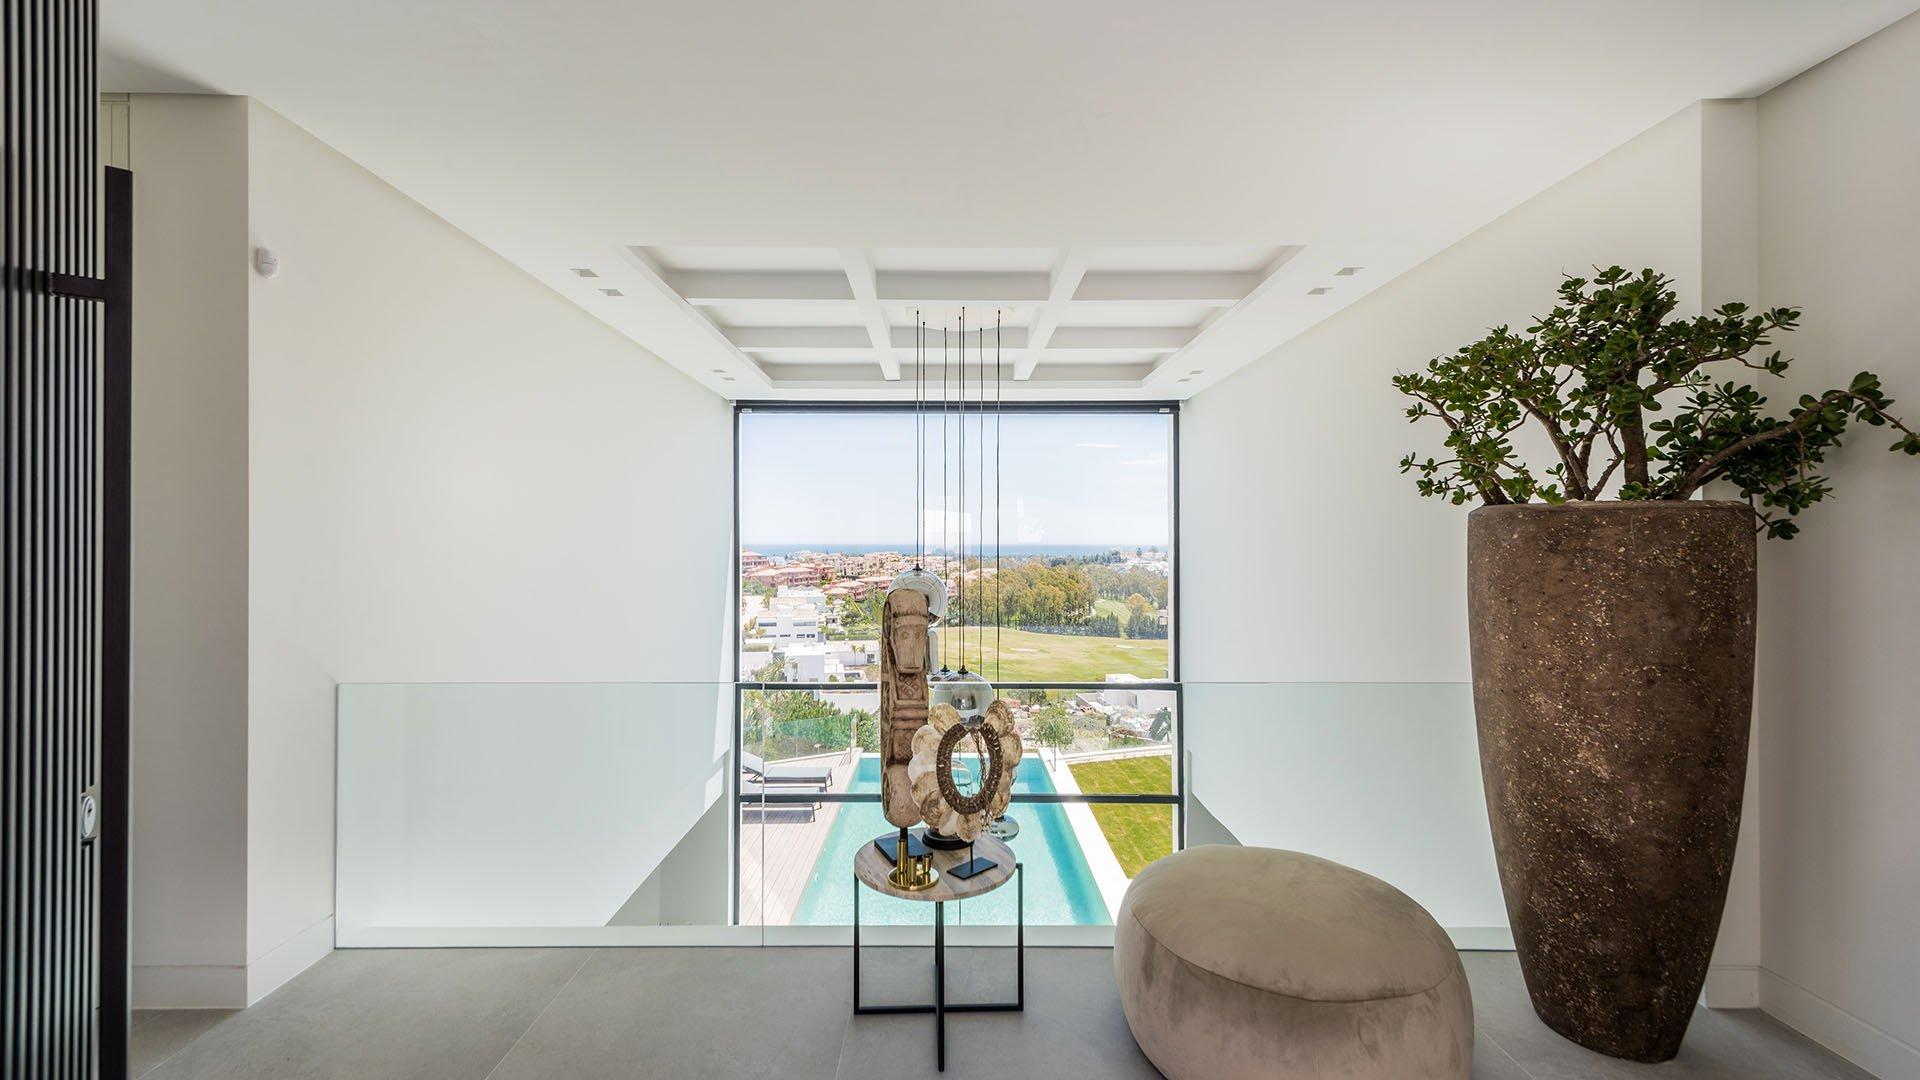 Villa Alqueria 2.7: Indrukwekkende hedendaagse villa met prachtig panoramisch uitzicht